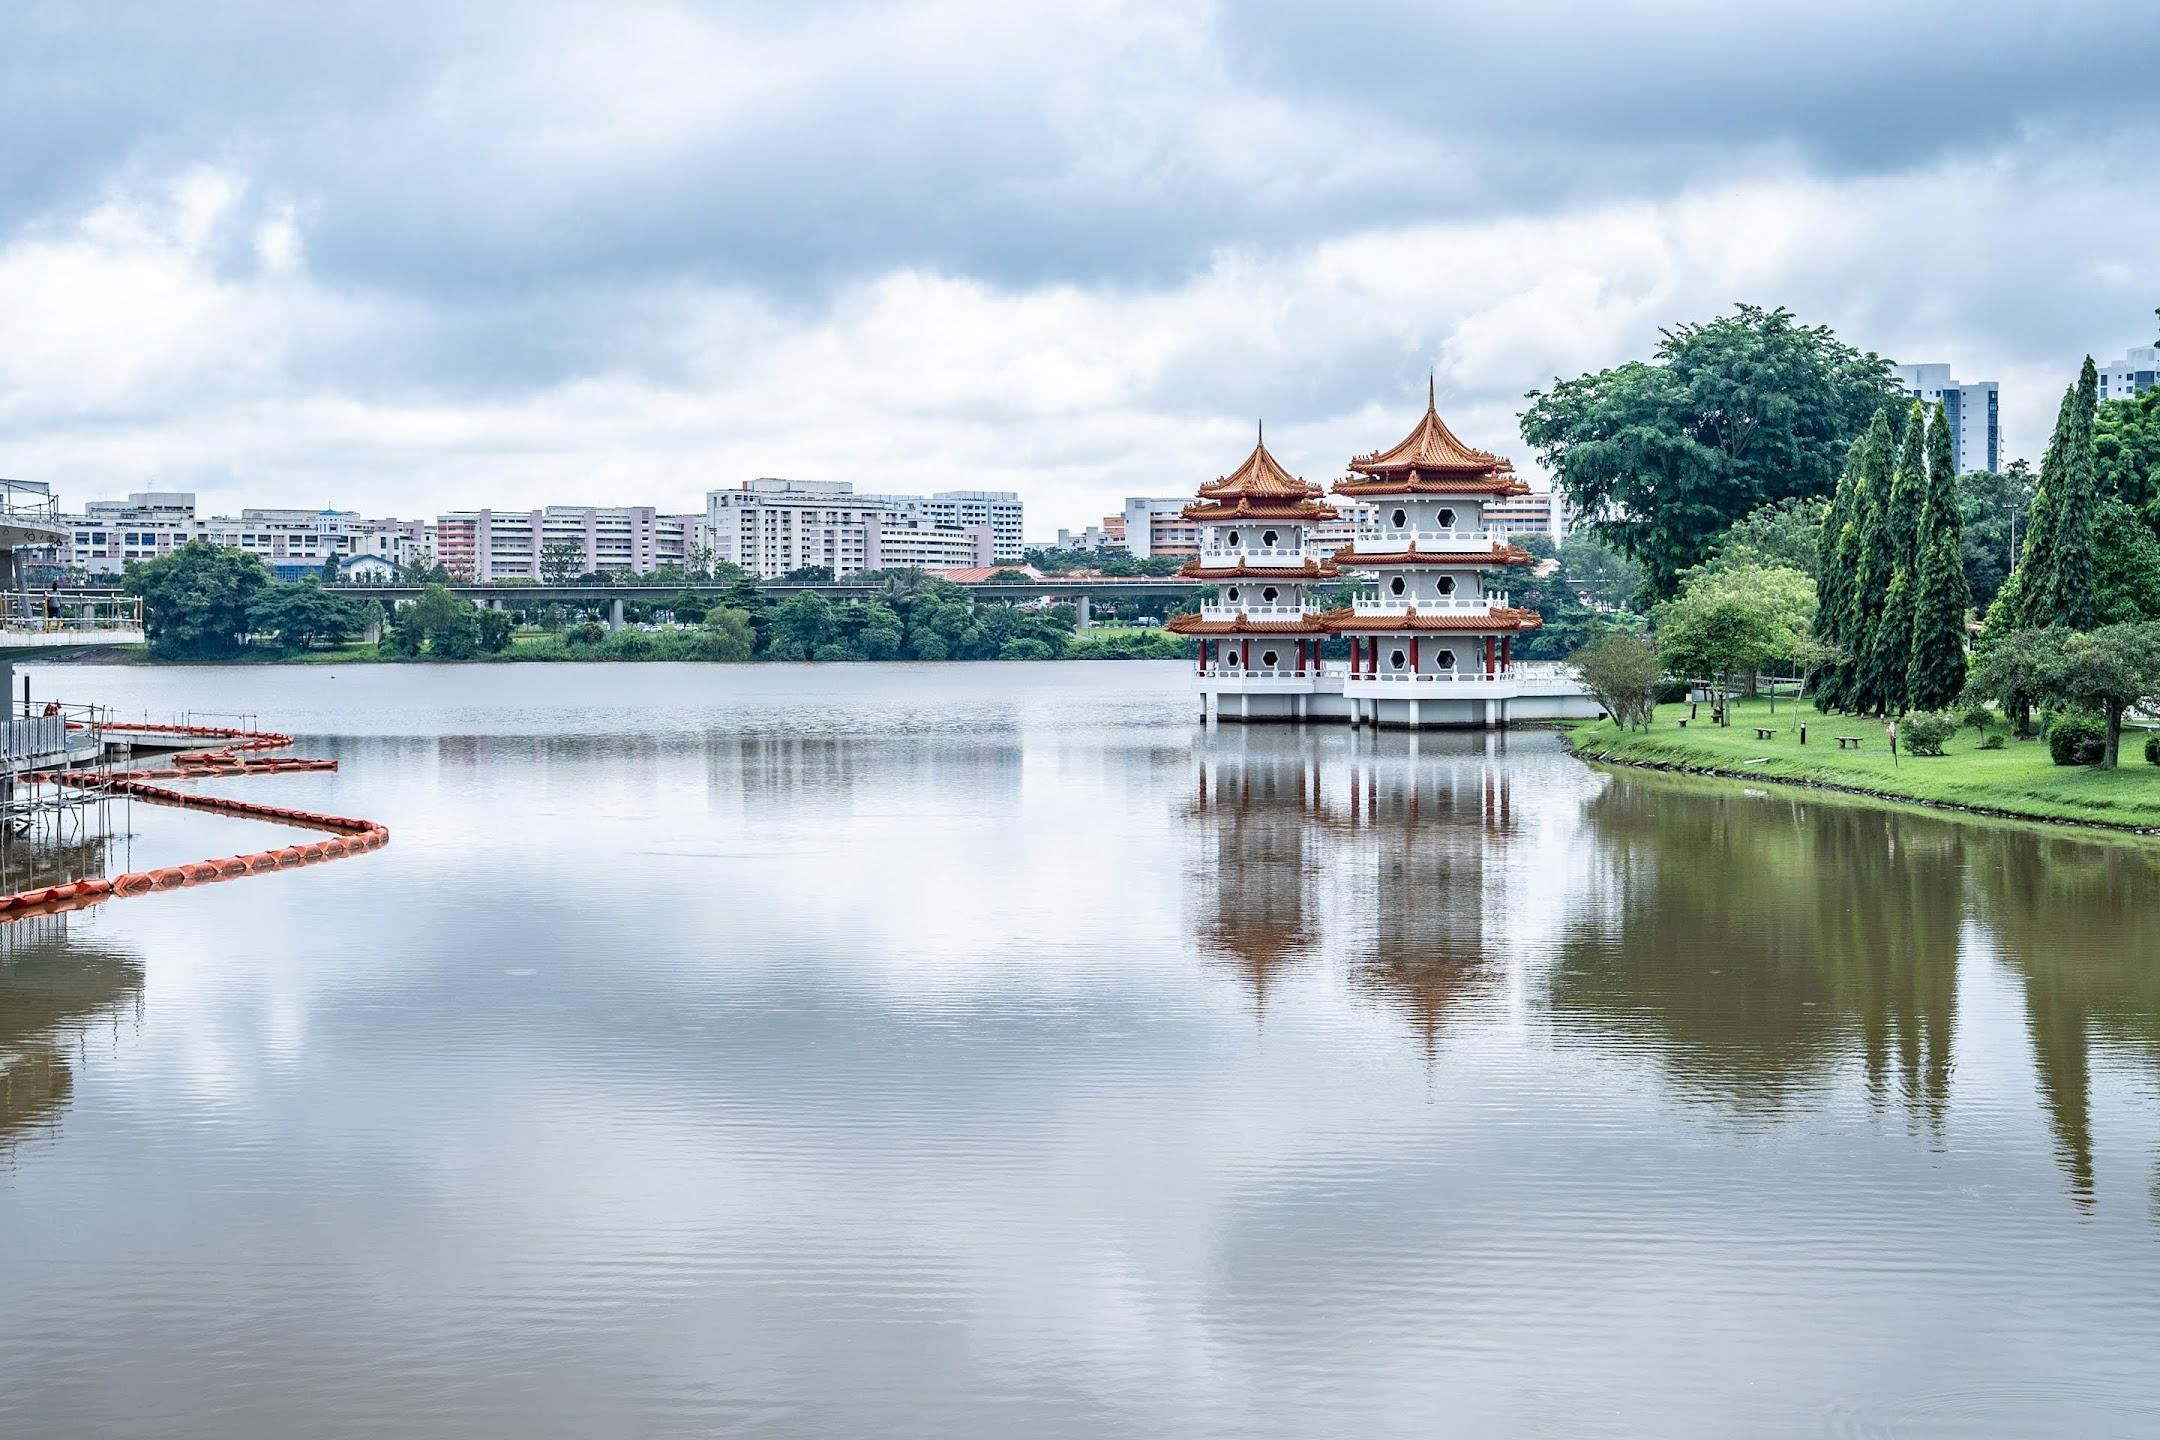 シンガポール チャイニーズ・ガーデン (Chinese Garden) 6